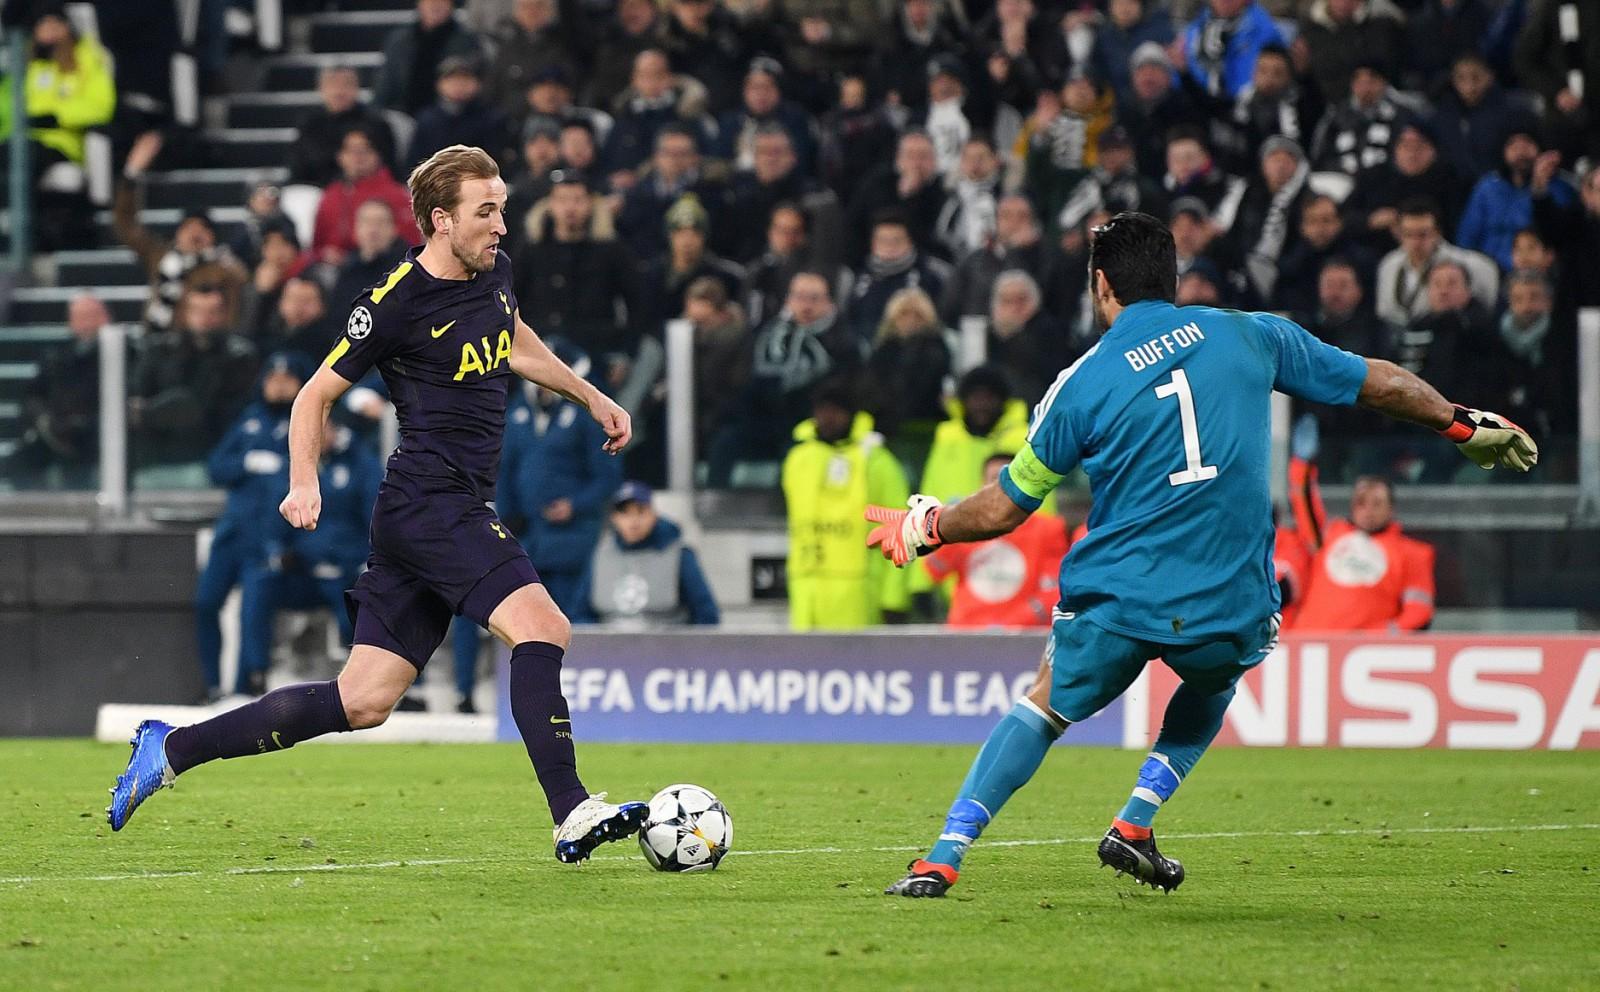 Seară superbă pentru echipele engleze în Liga Campionilor! Tottenham a remizat cu Juventus, iar Manchester City s-a impus în partida cu Basel